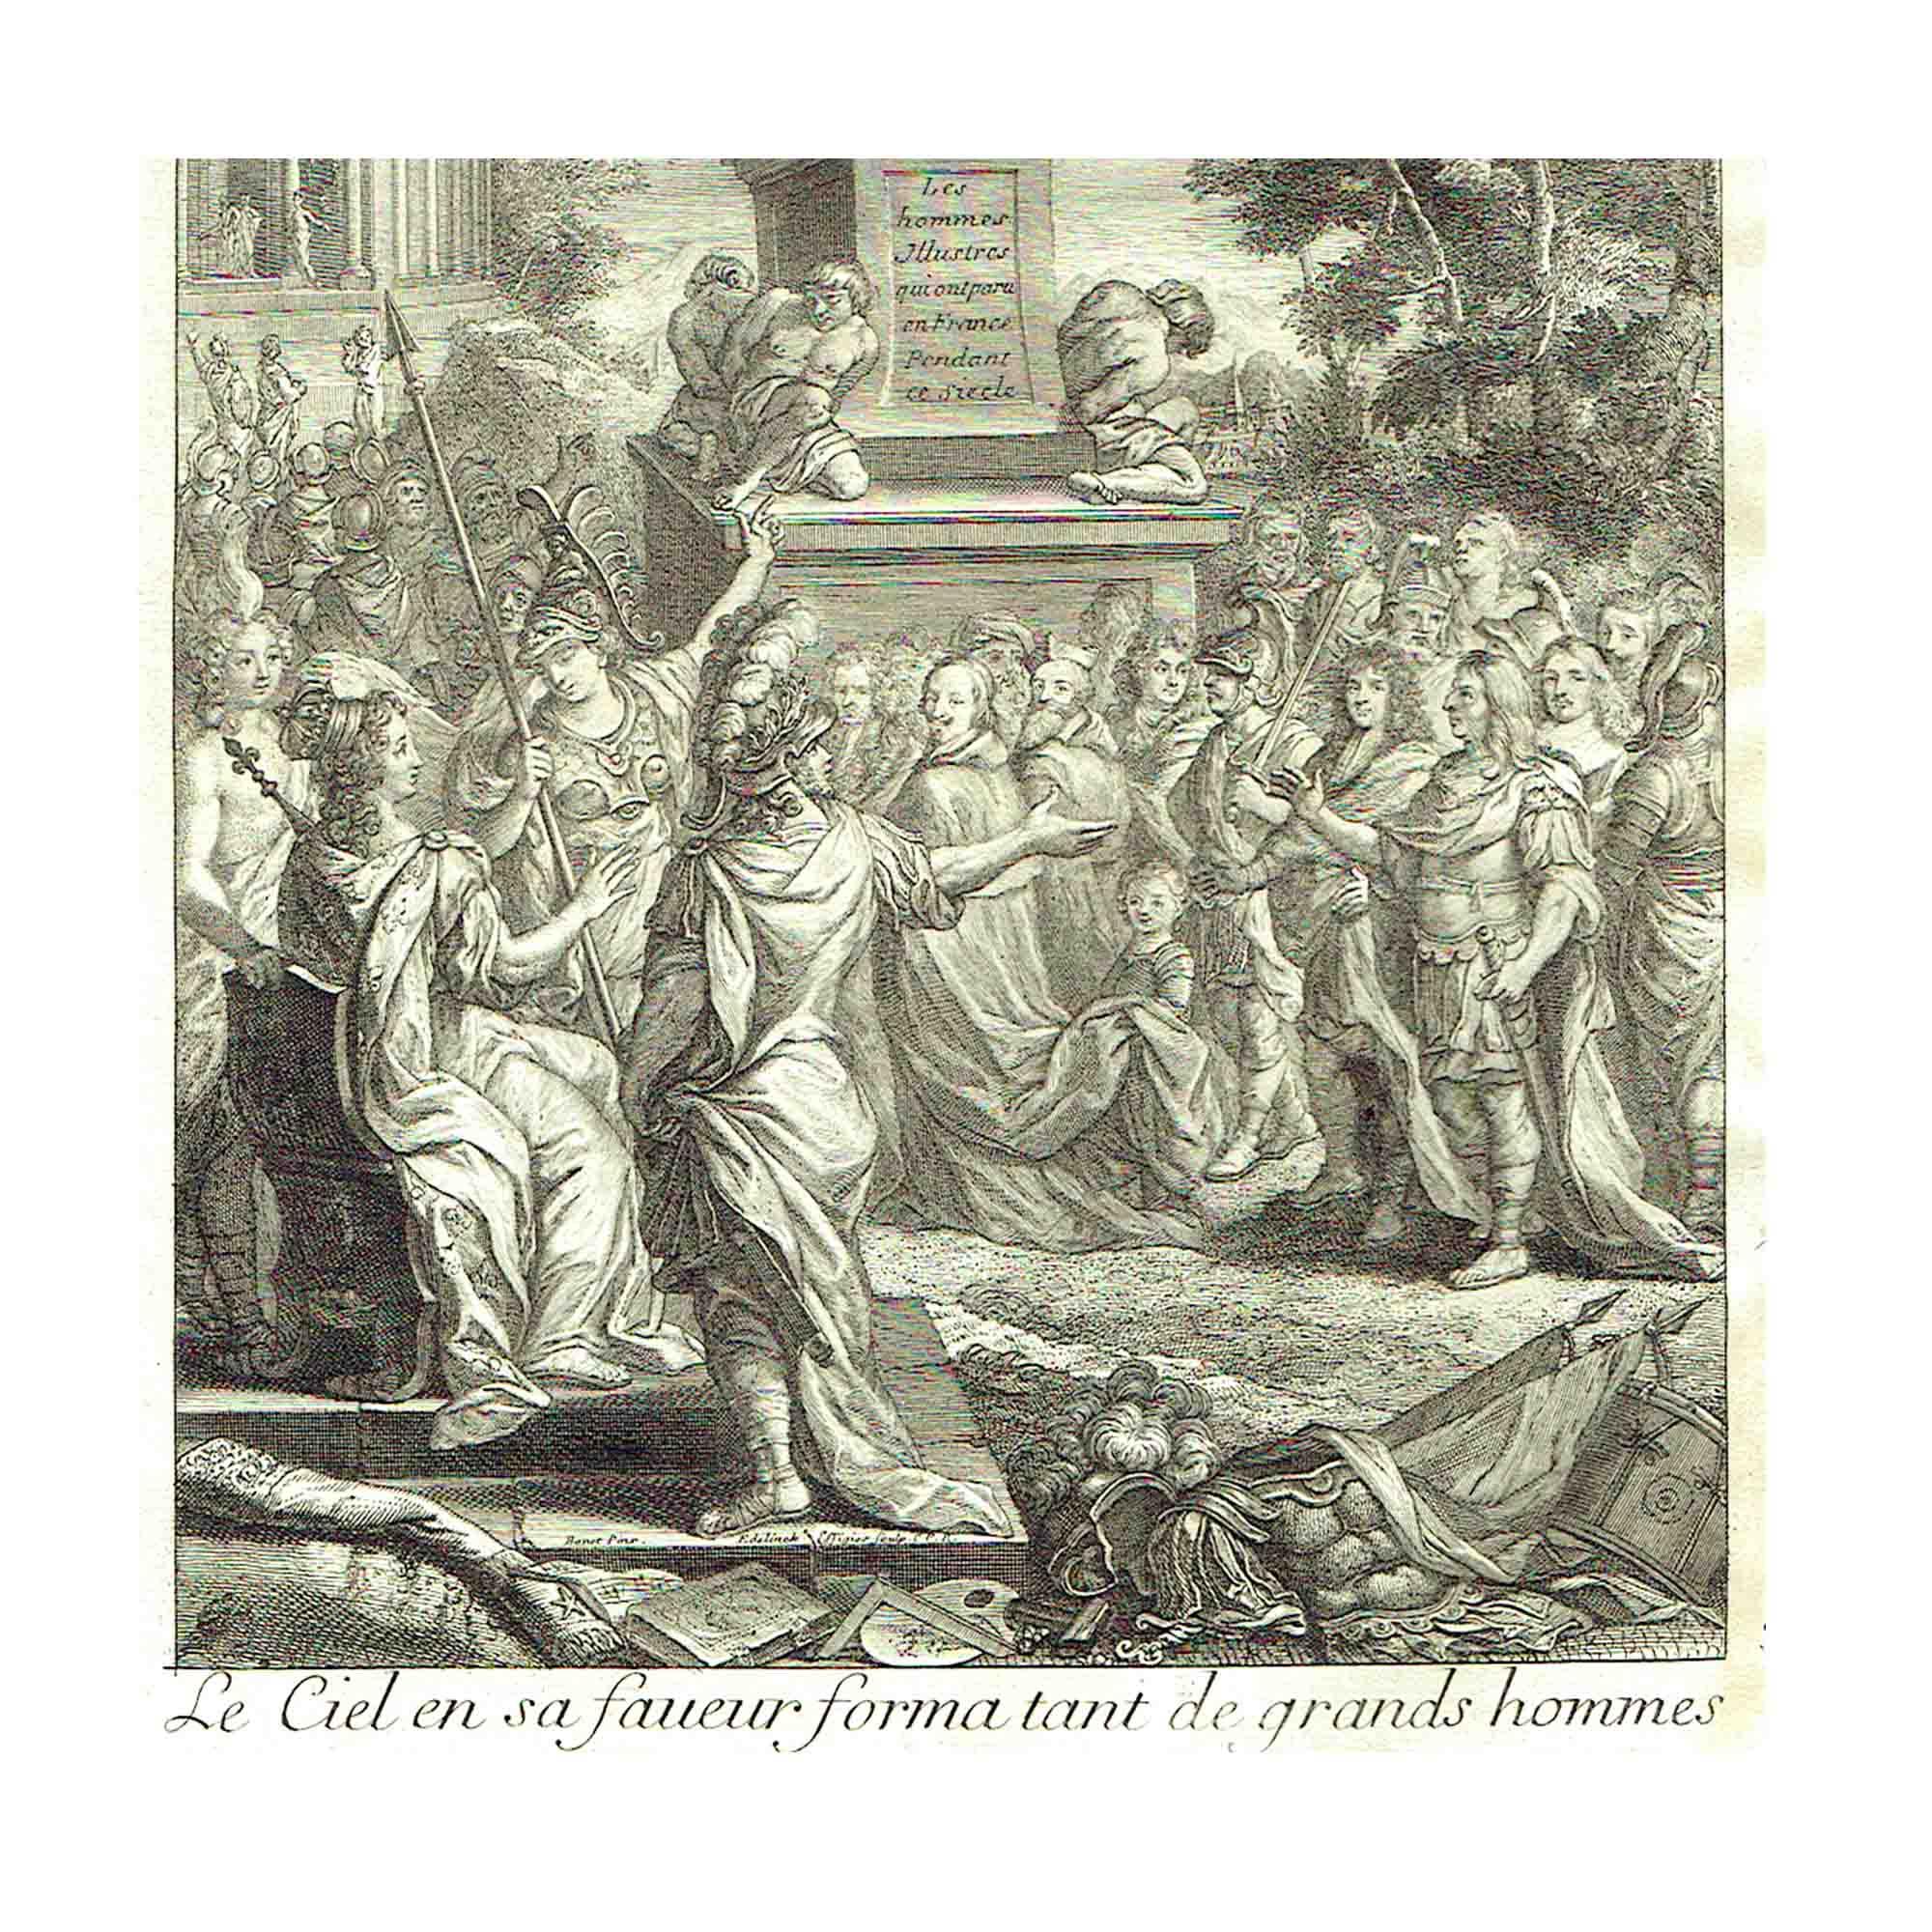 Perrault-Hommes-illustres-1696-1700-Frontispiece-Part-N.jpg